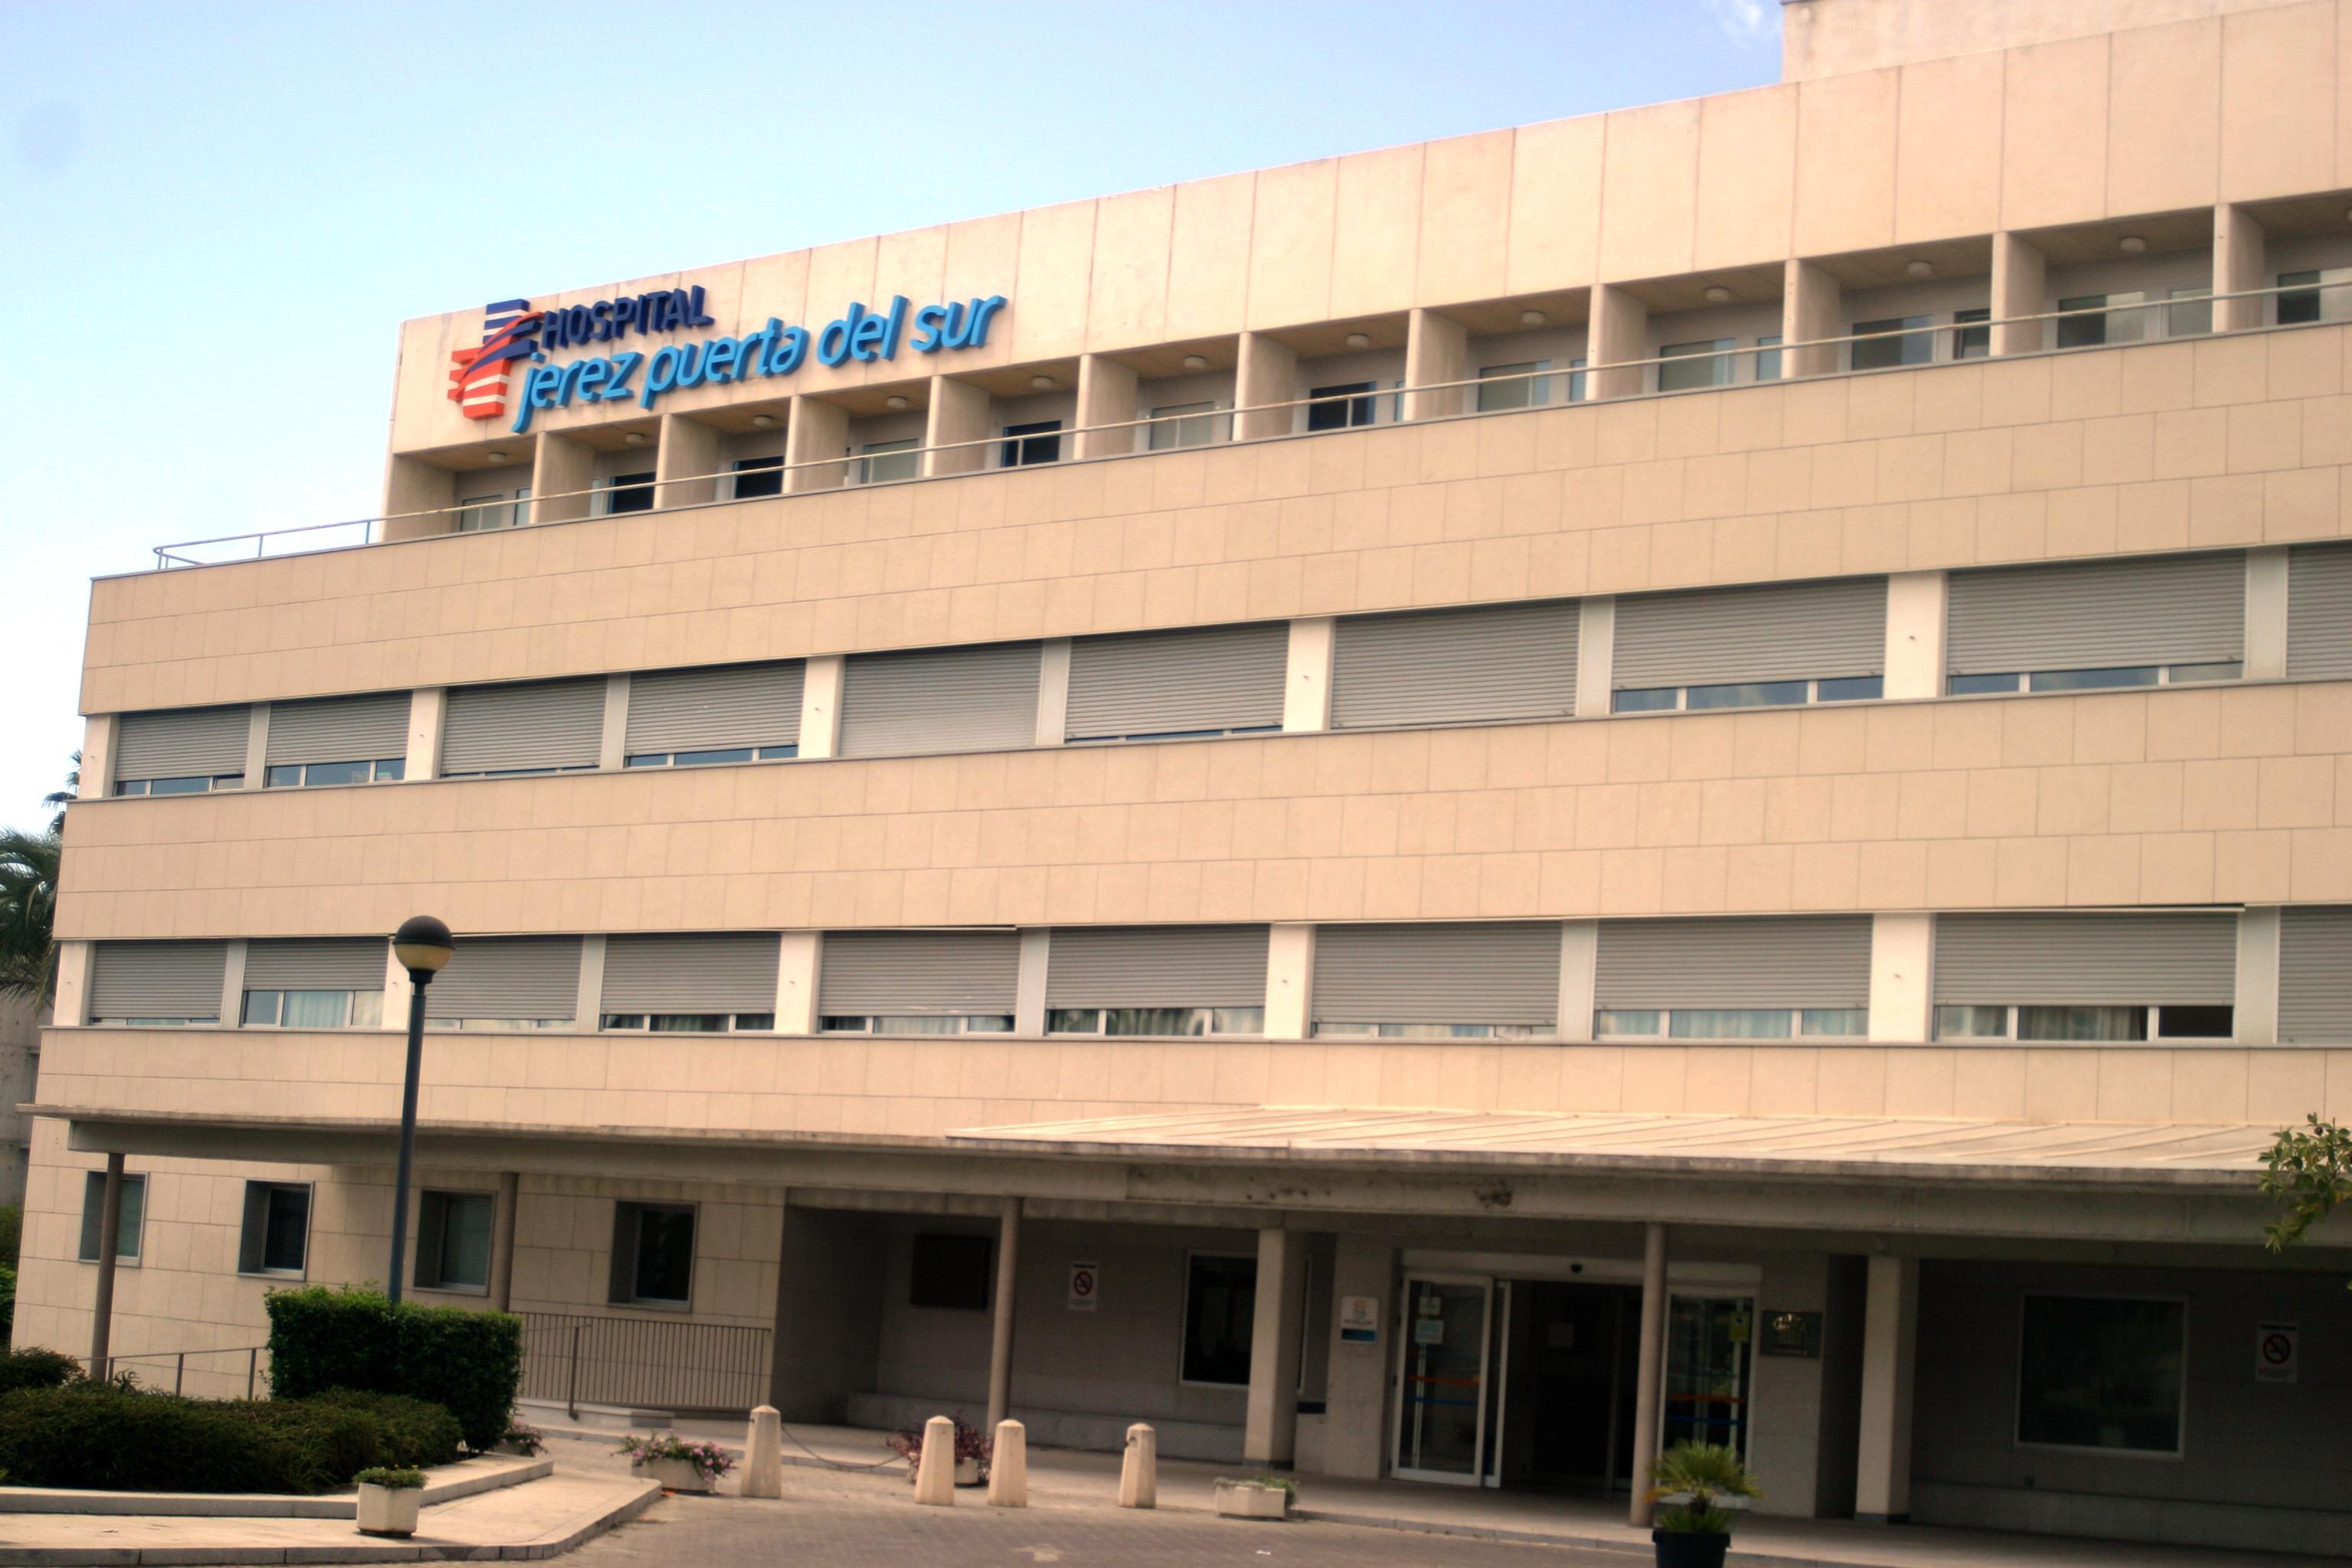 Hospital jerez puerta del sur reporteros jerez - Hospital puerta del sur telefono gratuito ...